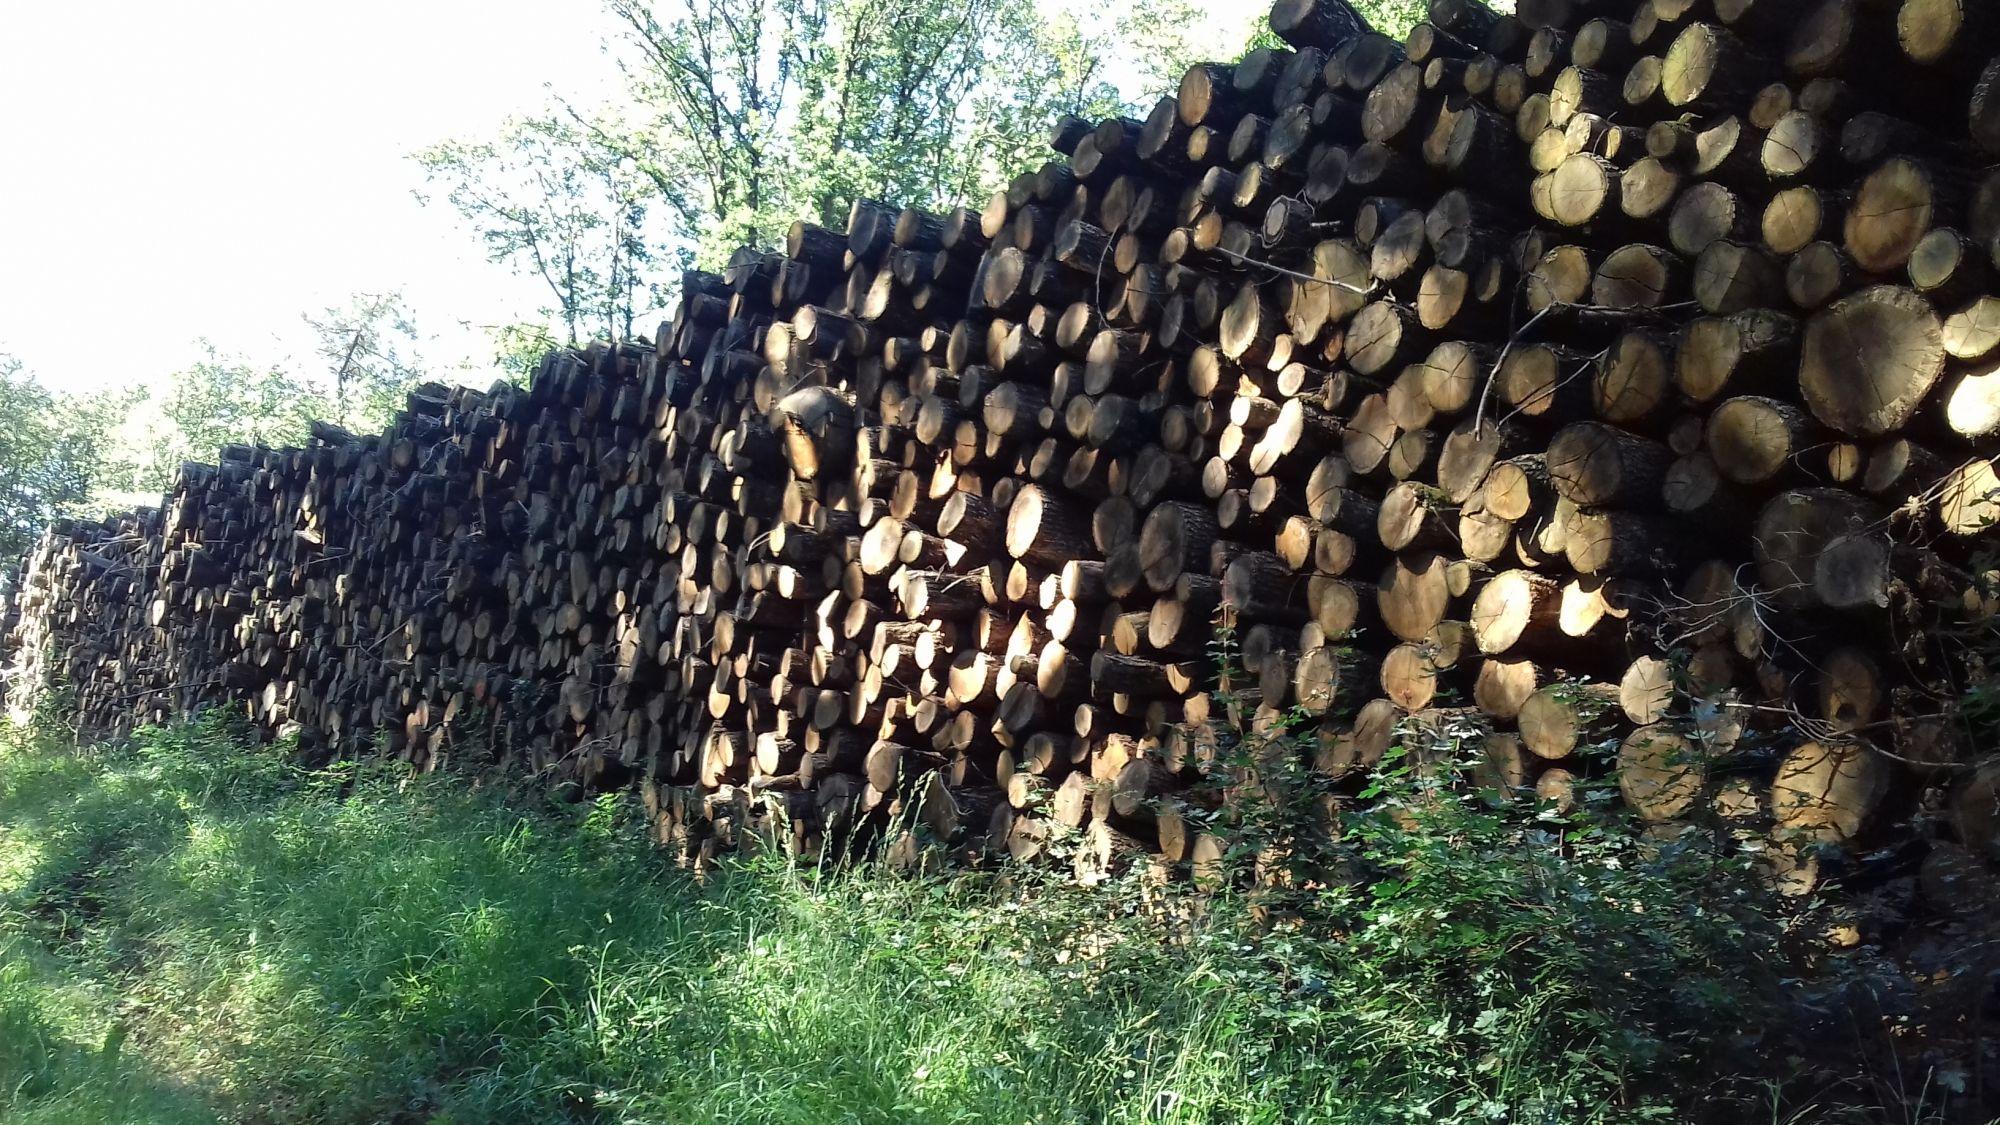 site internet pour revendeur de combustible bois dans la Viennesite internet pour revendeur de combustible bois dans la Vienne